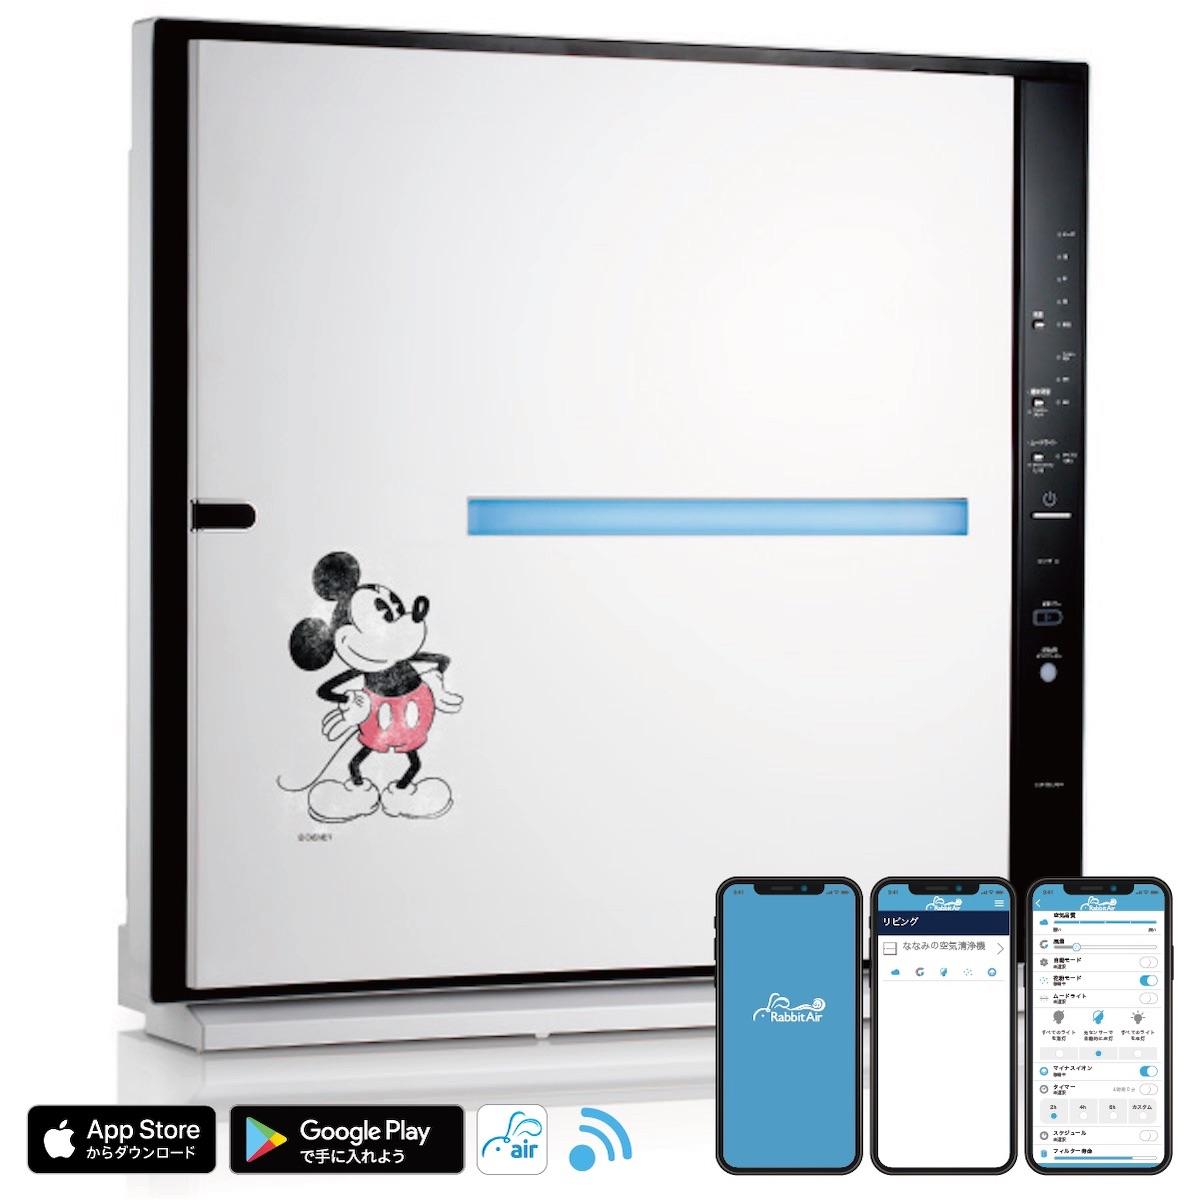 空気清浄機: Rabbit Air MinusA2 ディズニー Special Edition (ミッキーマウス) Wi-Fiモデル